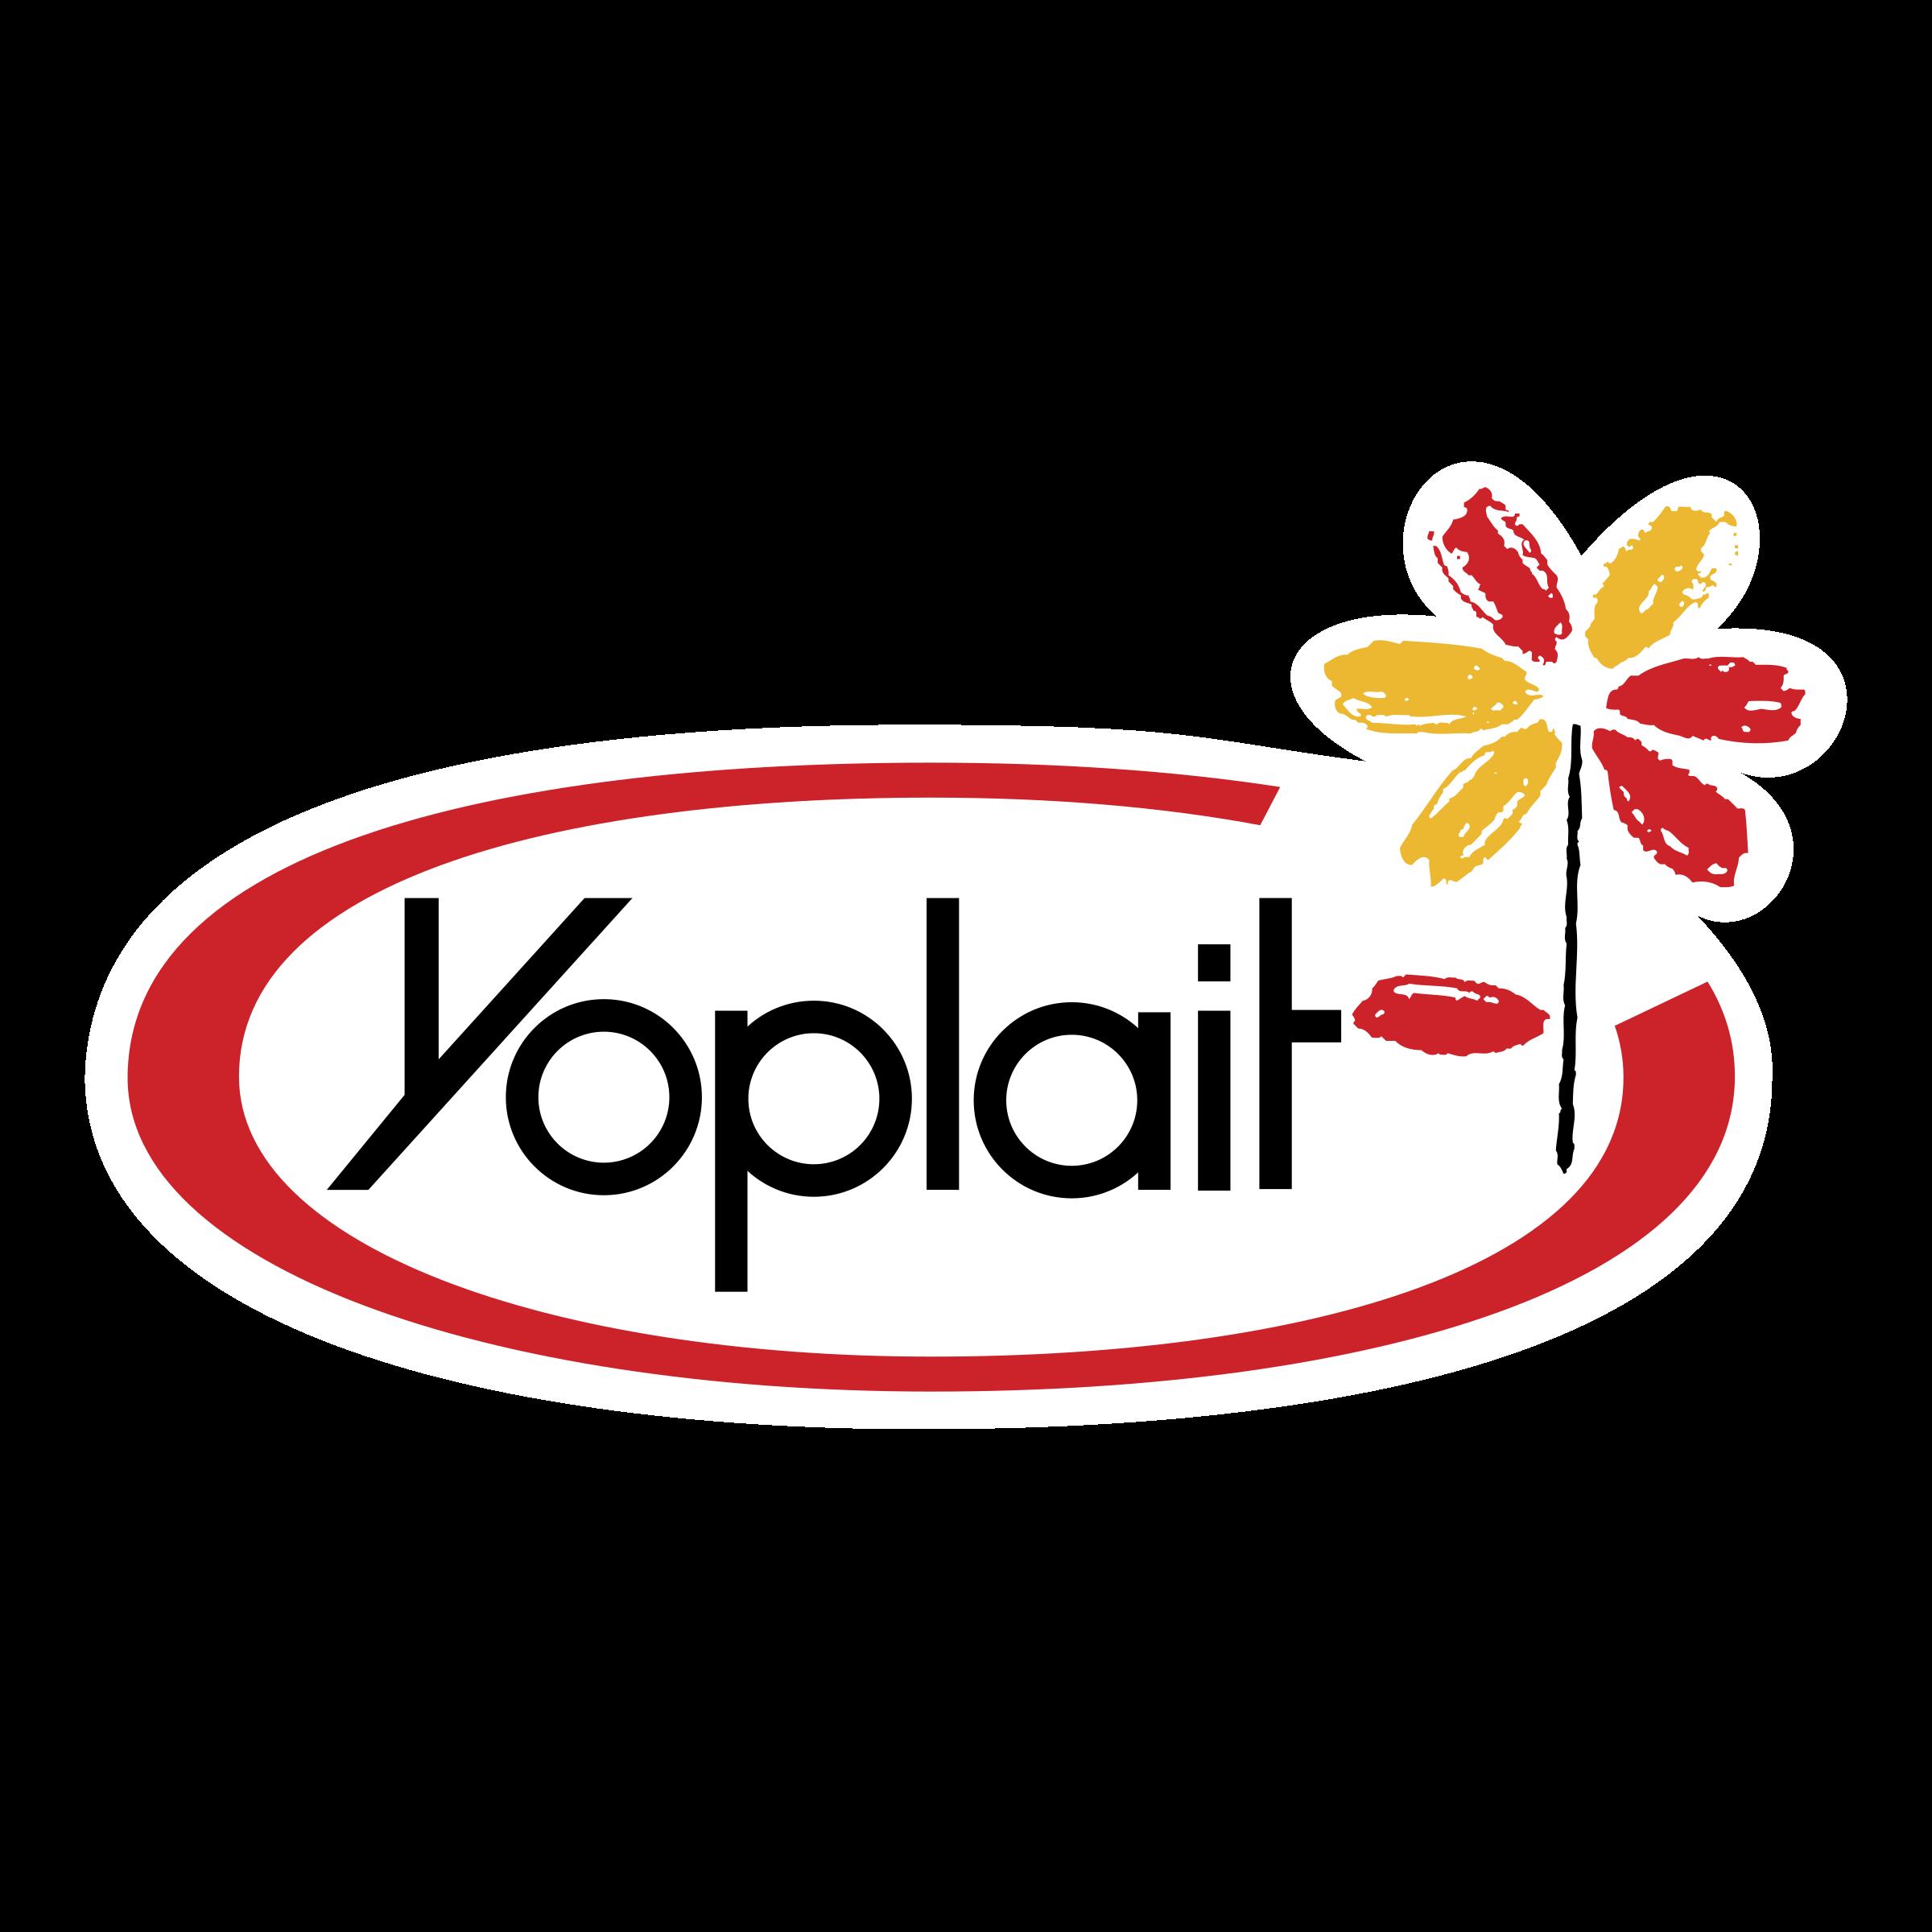 yoplait logo png transparent amp svg vector freebie supply